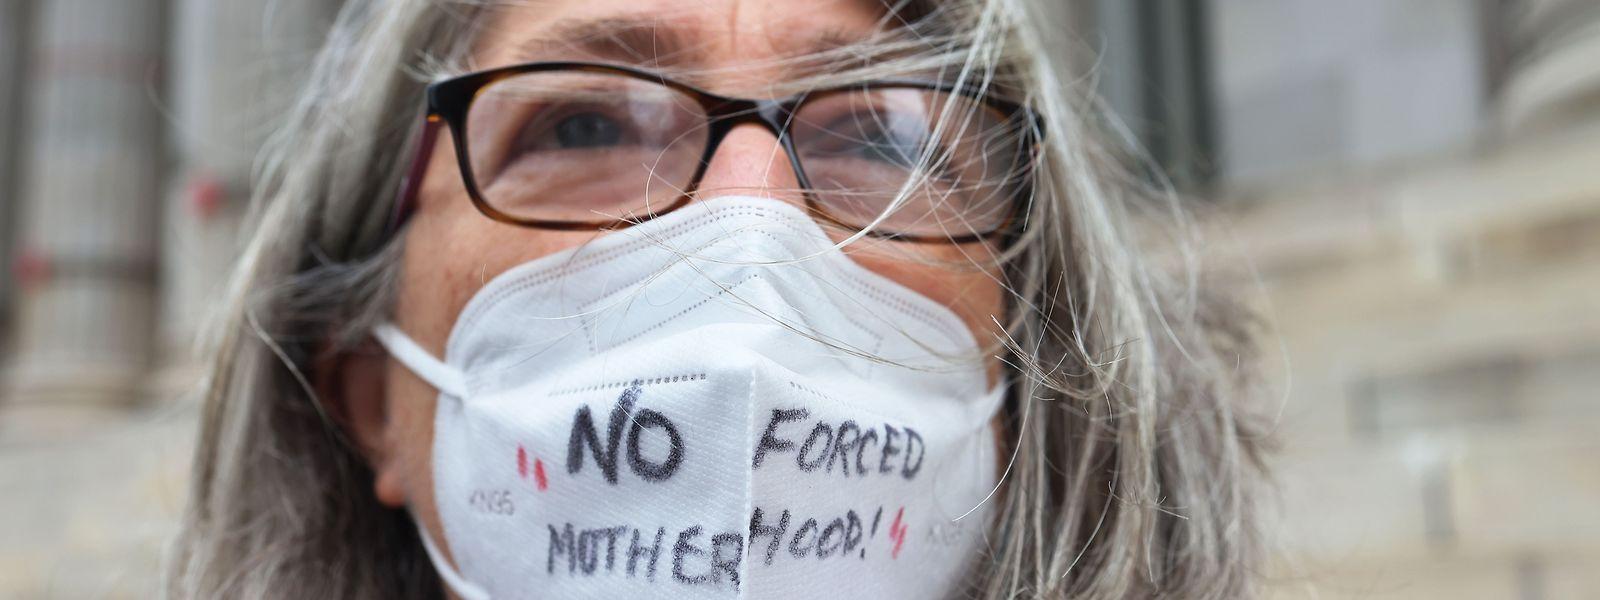 """Eine Verfechterin des Rechts auf Abtreibung trägt eine Maske mit der Aufschrift: """"No forced motherhood"""" (auf deutsch """"Keine erzwungene Mutterschaft"""")."""